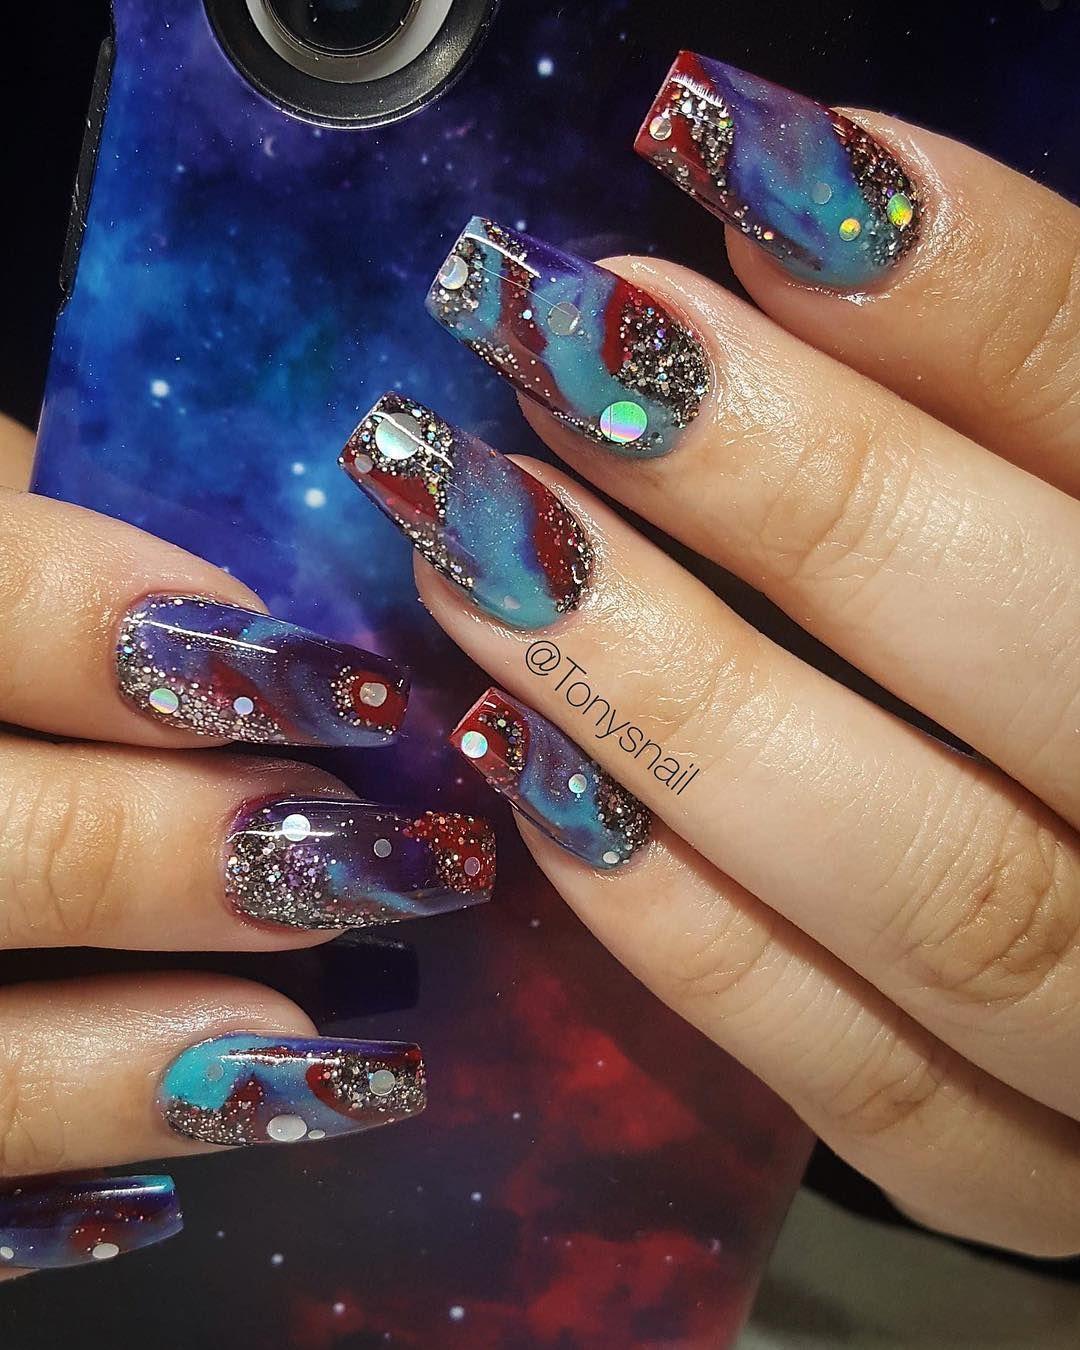 Galaxy nails design #galaxy #nailart #nails | Nail art | Pinterest ...